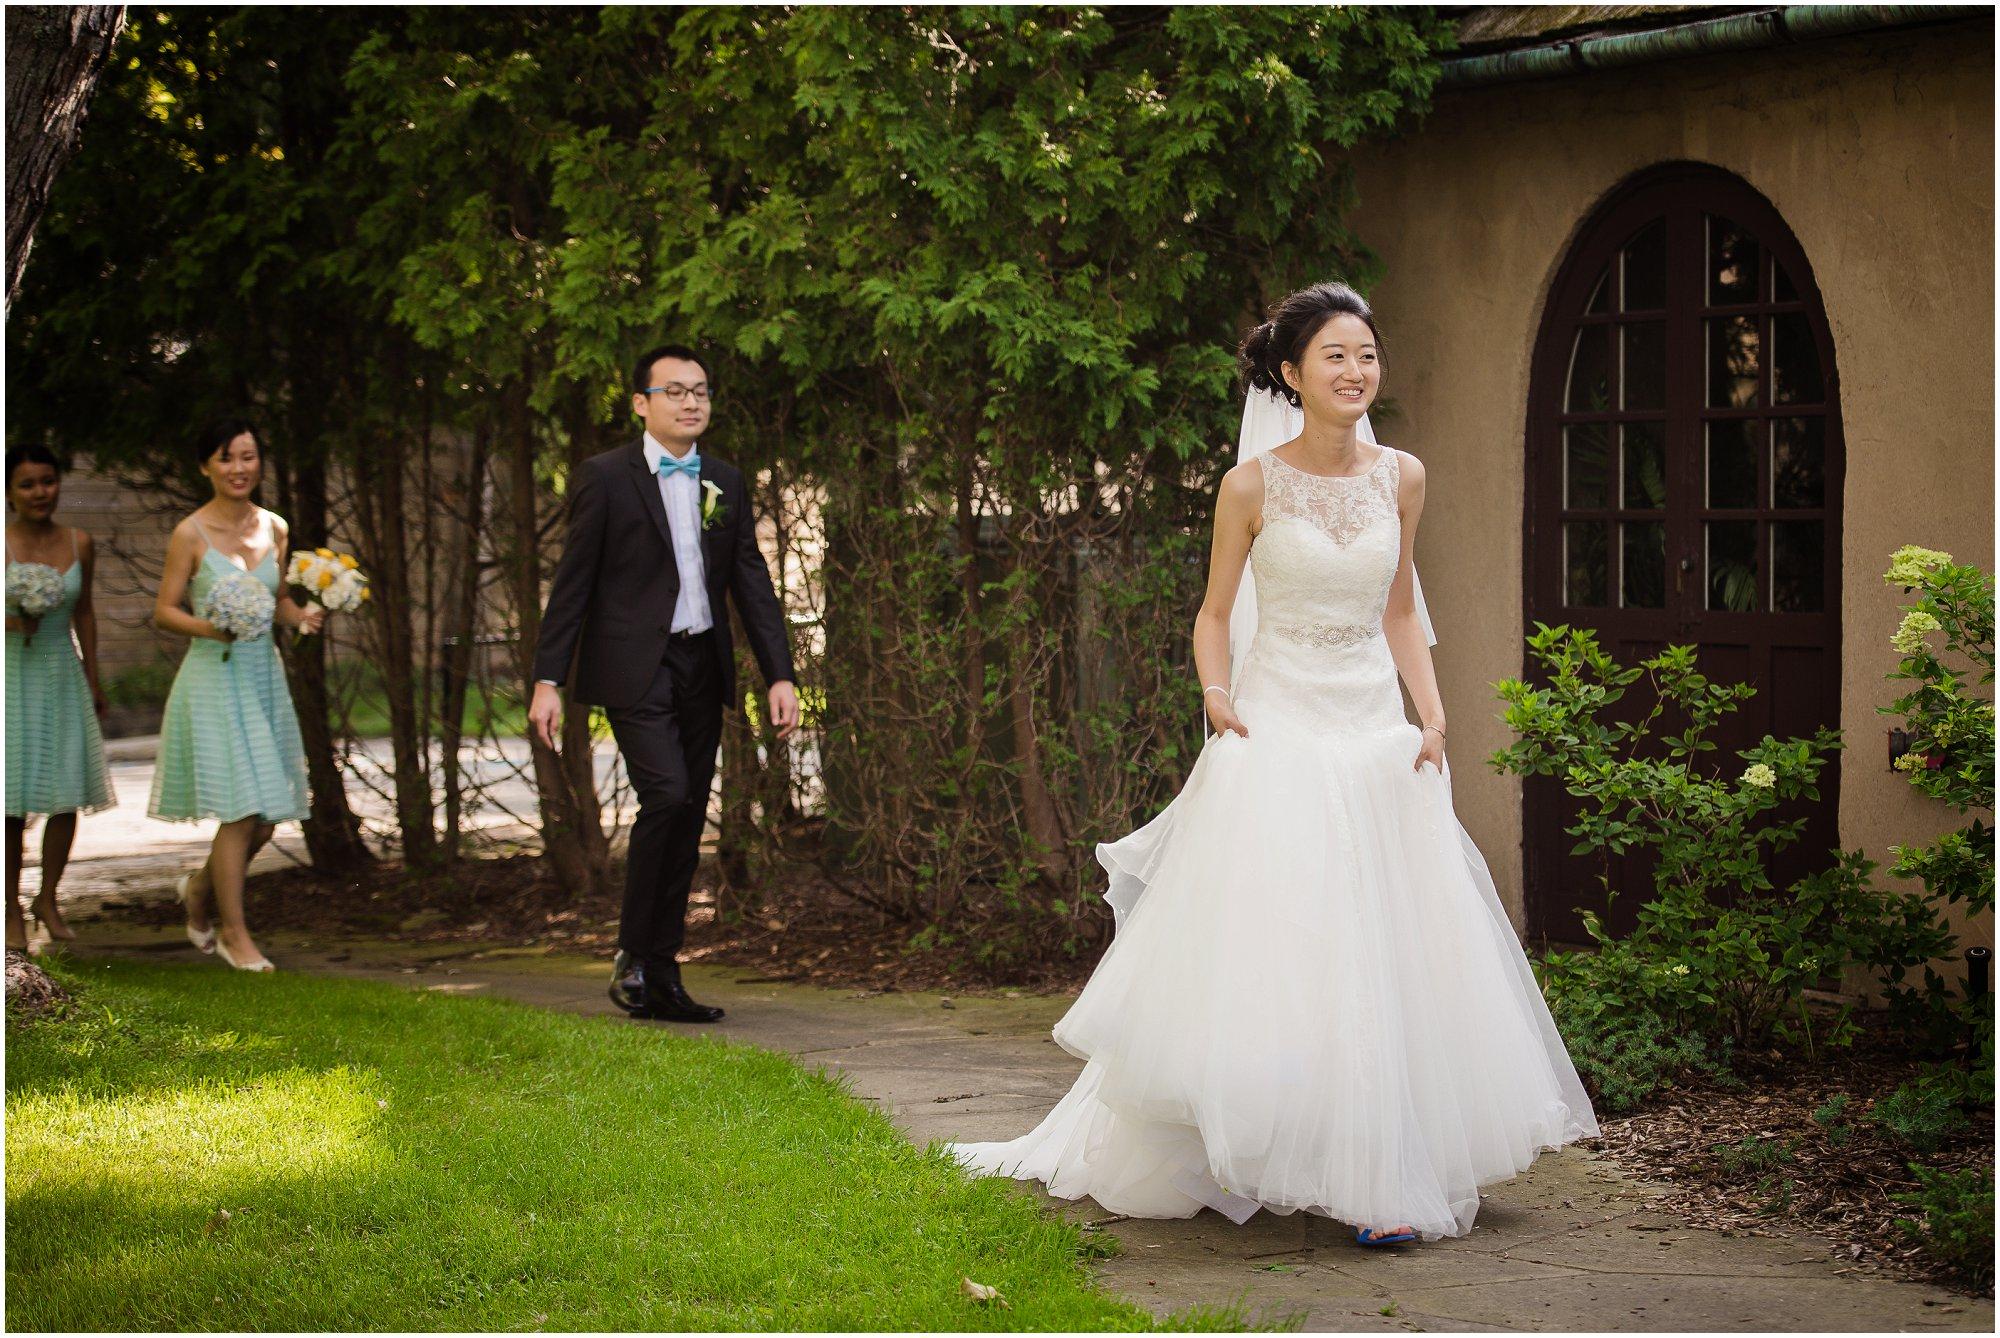 University-of-michigan-museum-of-art-wedding_1301.jpg